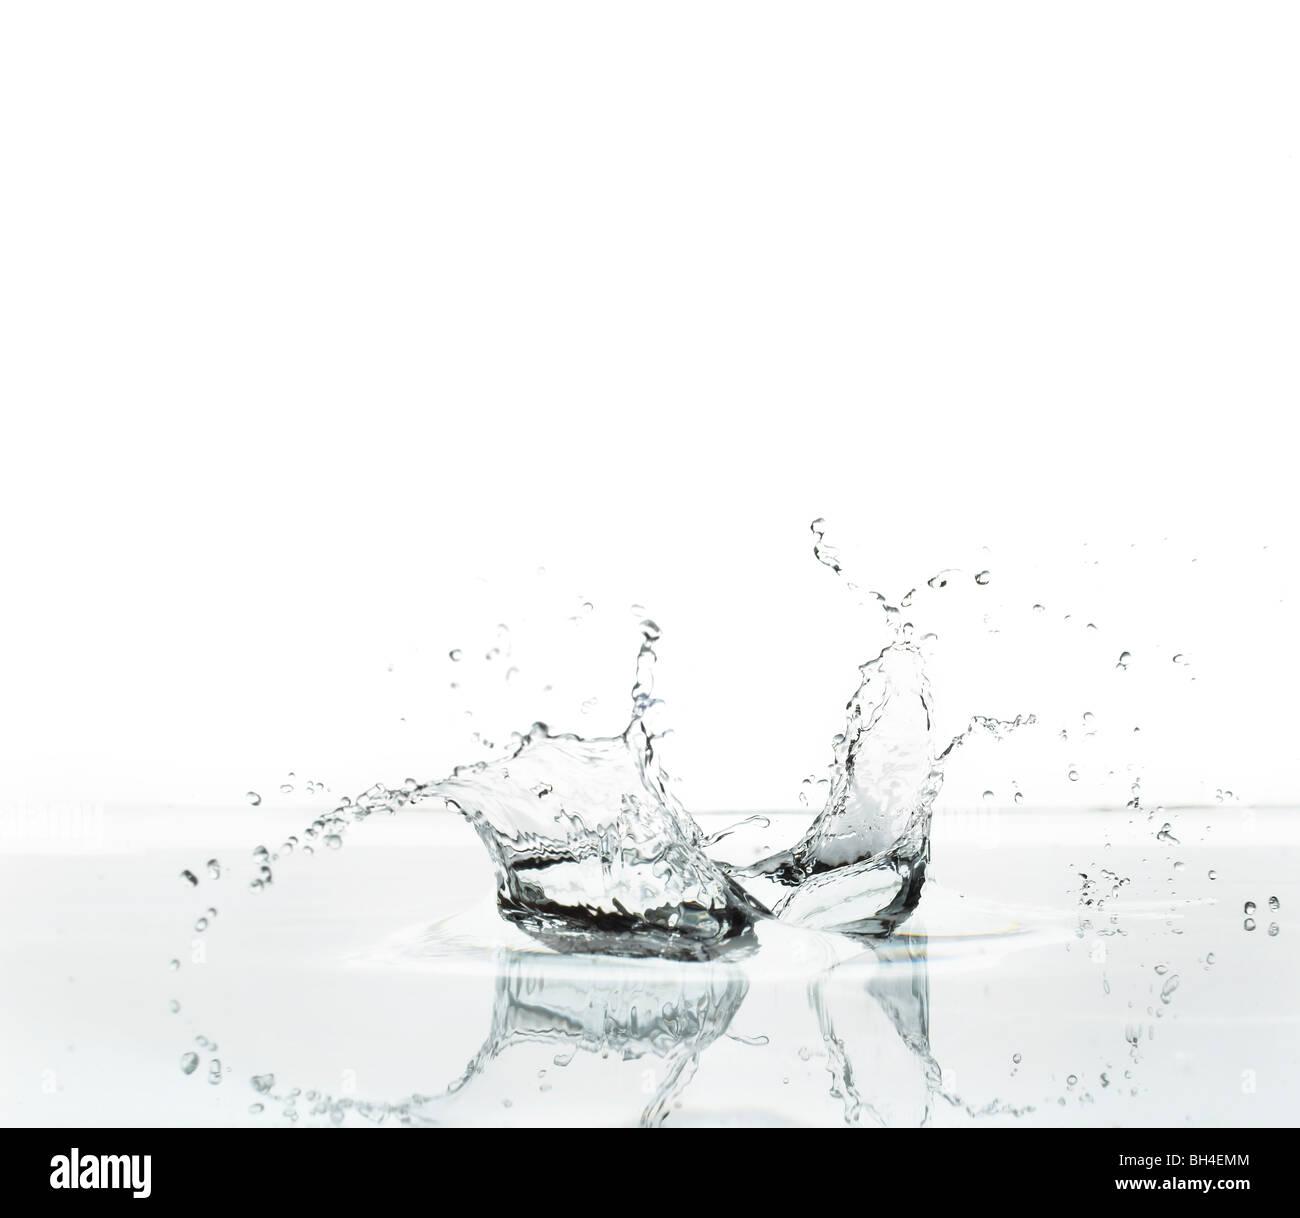 Salpicaduras de agua sobre un fondo blanco. Imagen De Stock